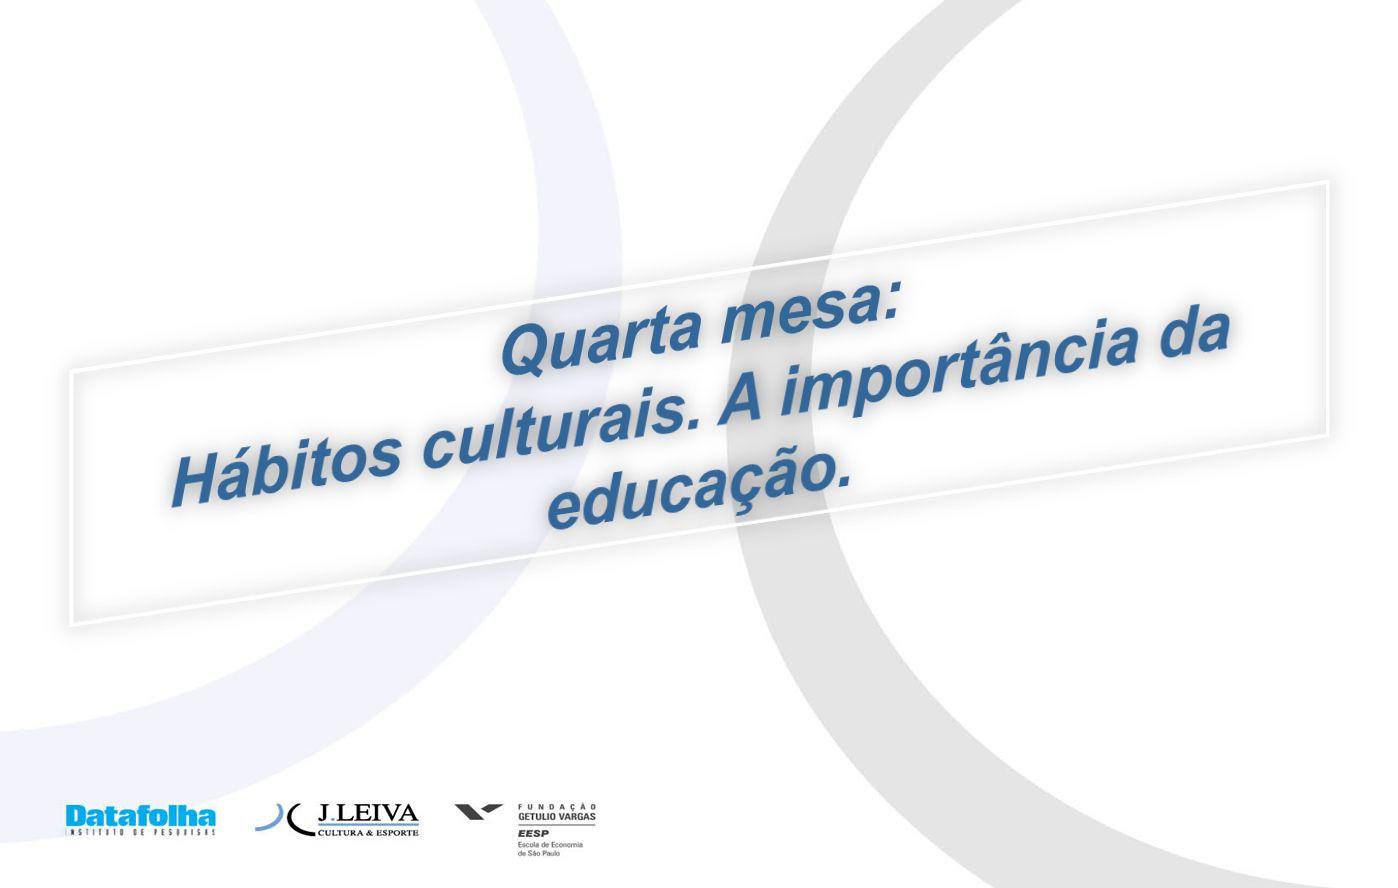 Hábitos culturais. A importância da educação.